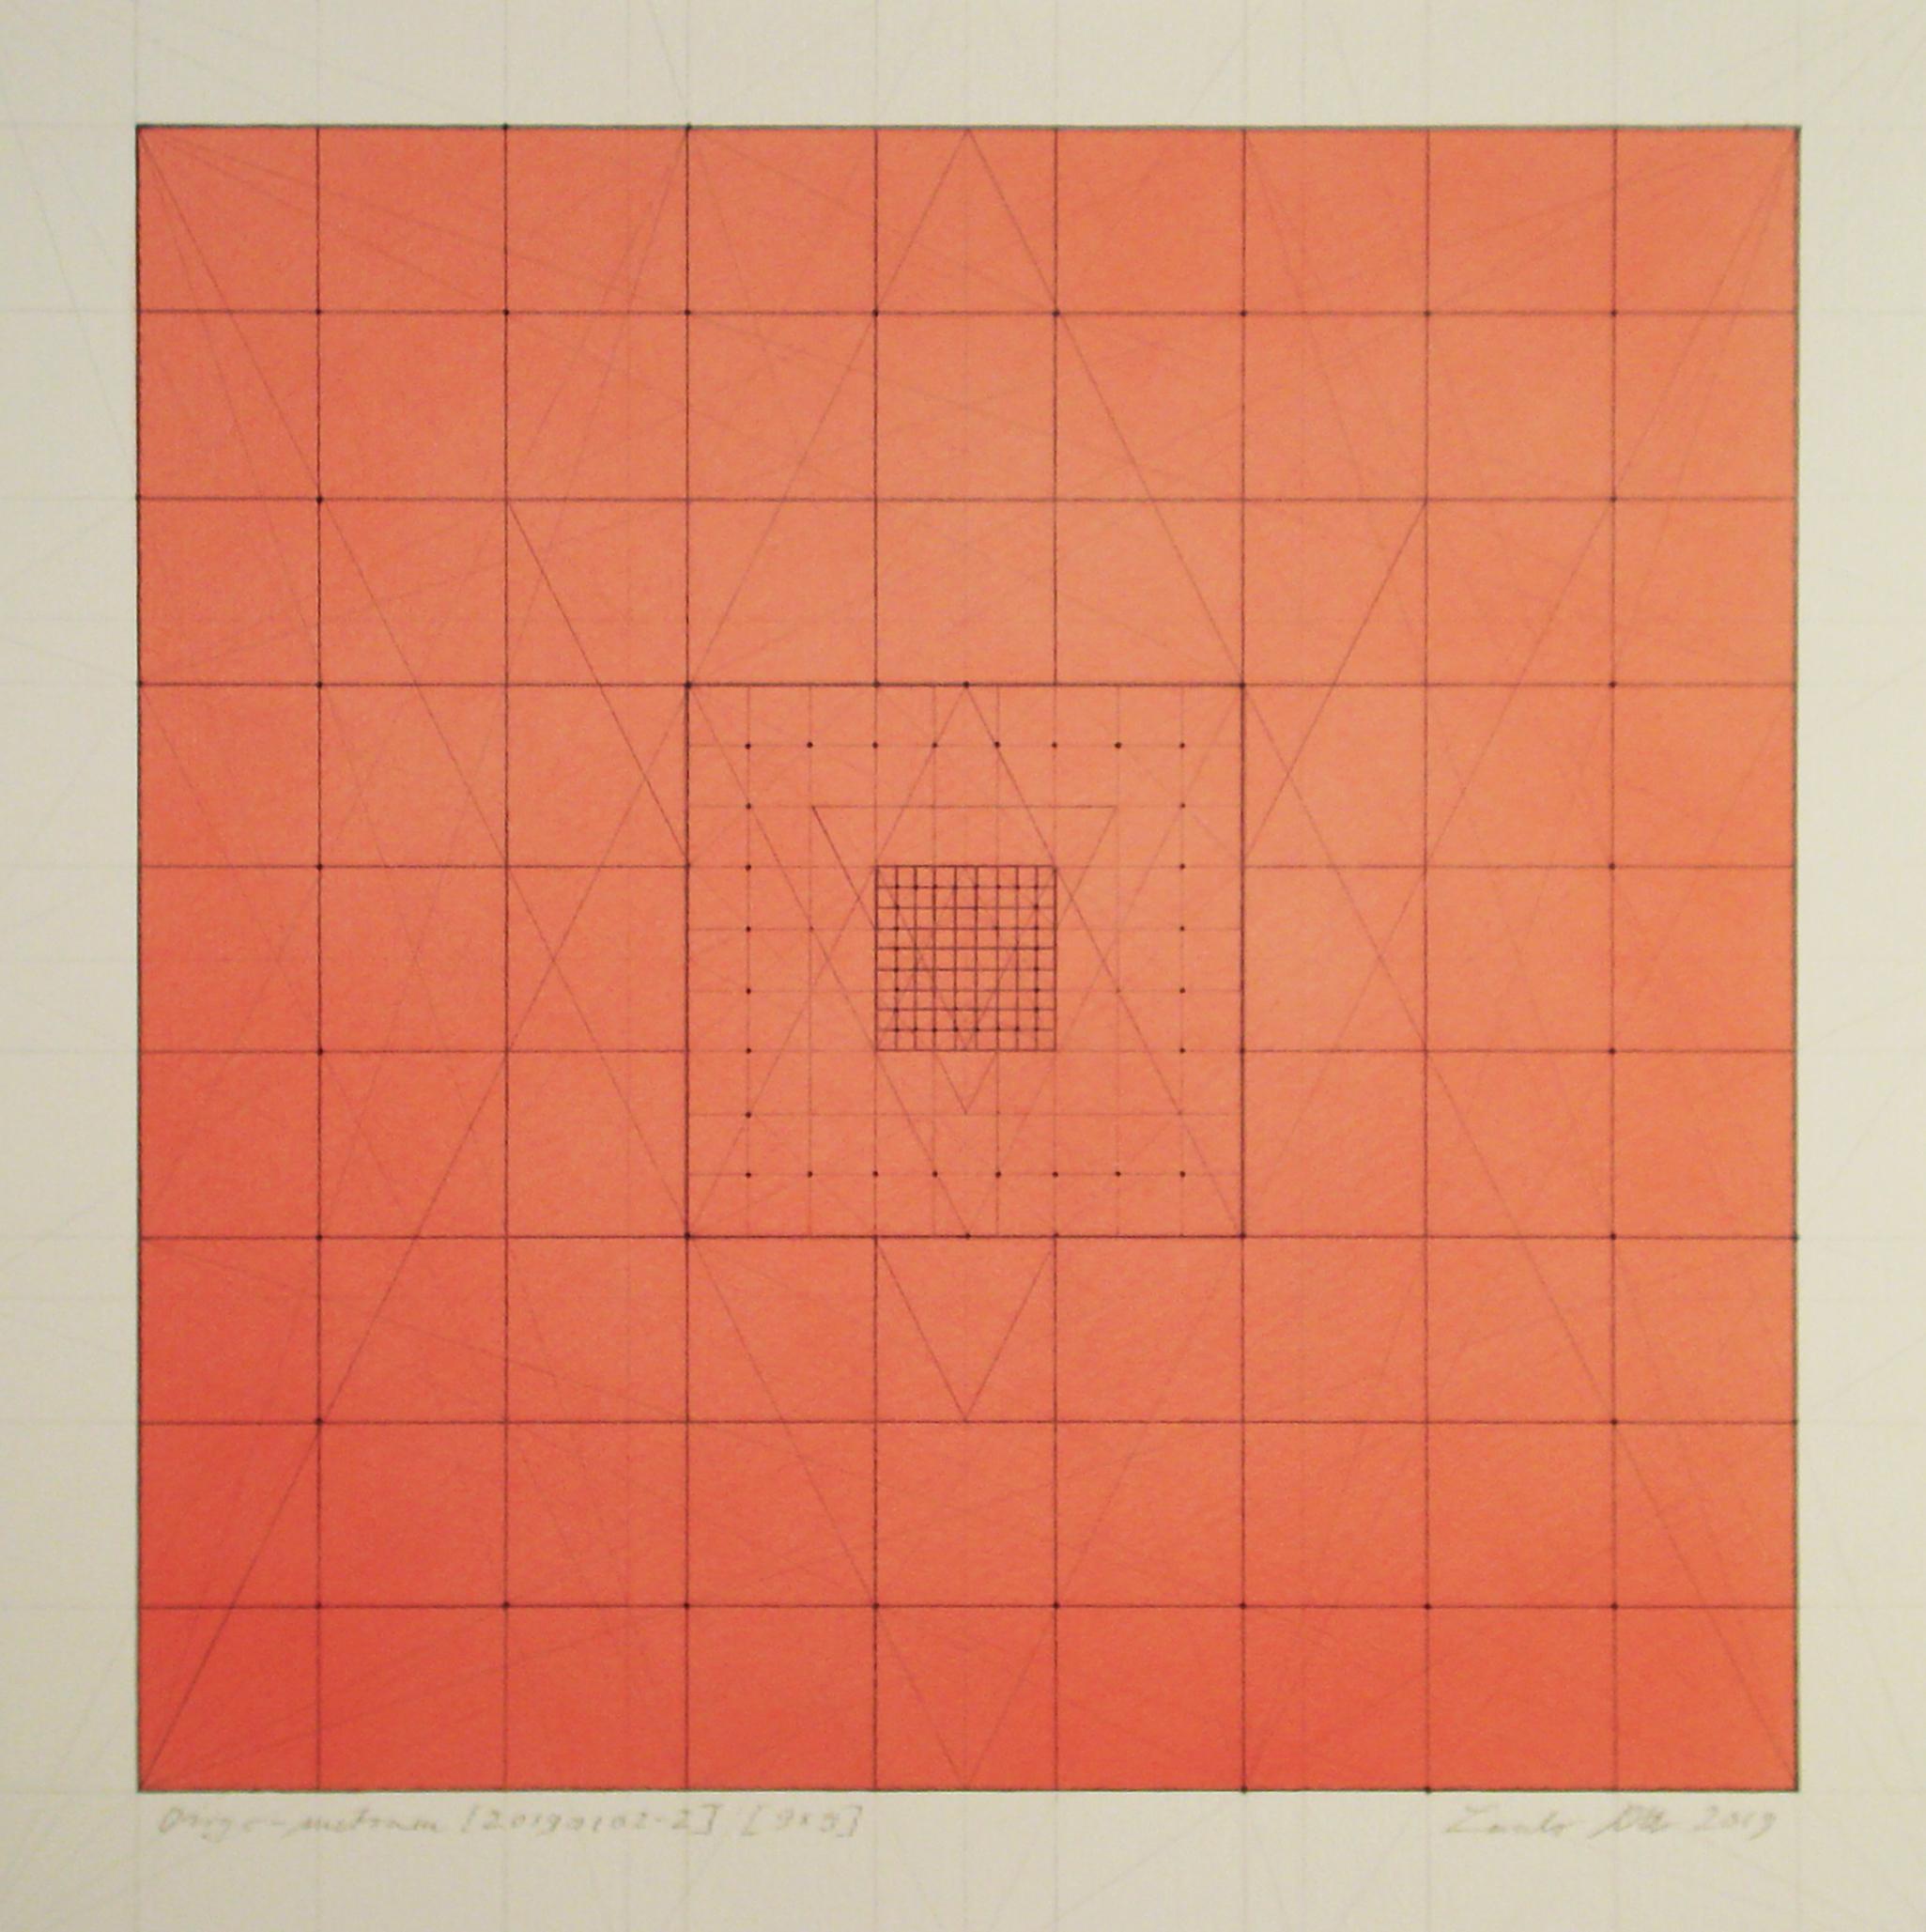 Origo-metrum [20190102-2], pencil on paper, color pigment, 17 3/4 x 17 3/4 in. [45x45cm]